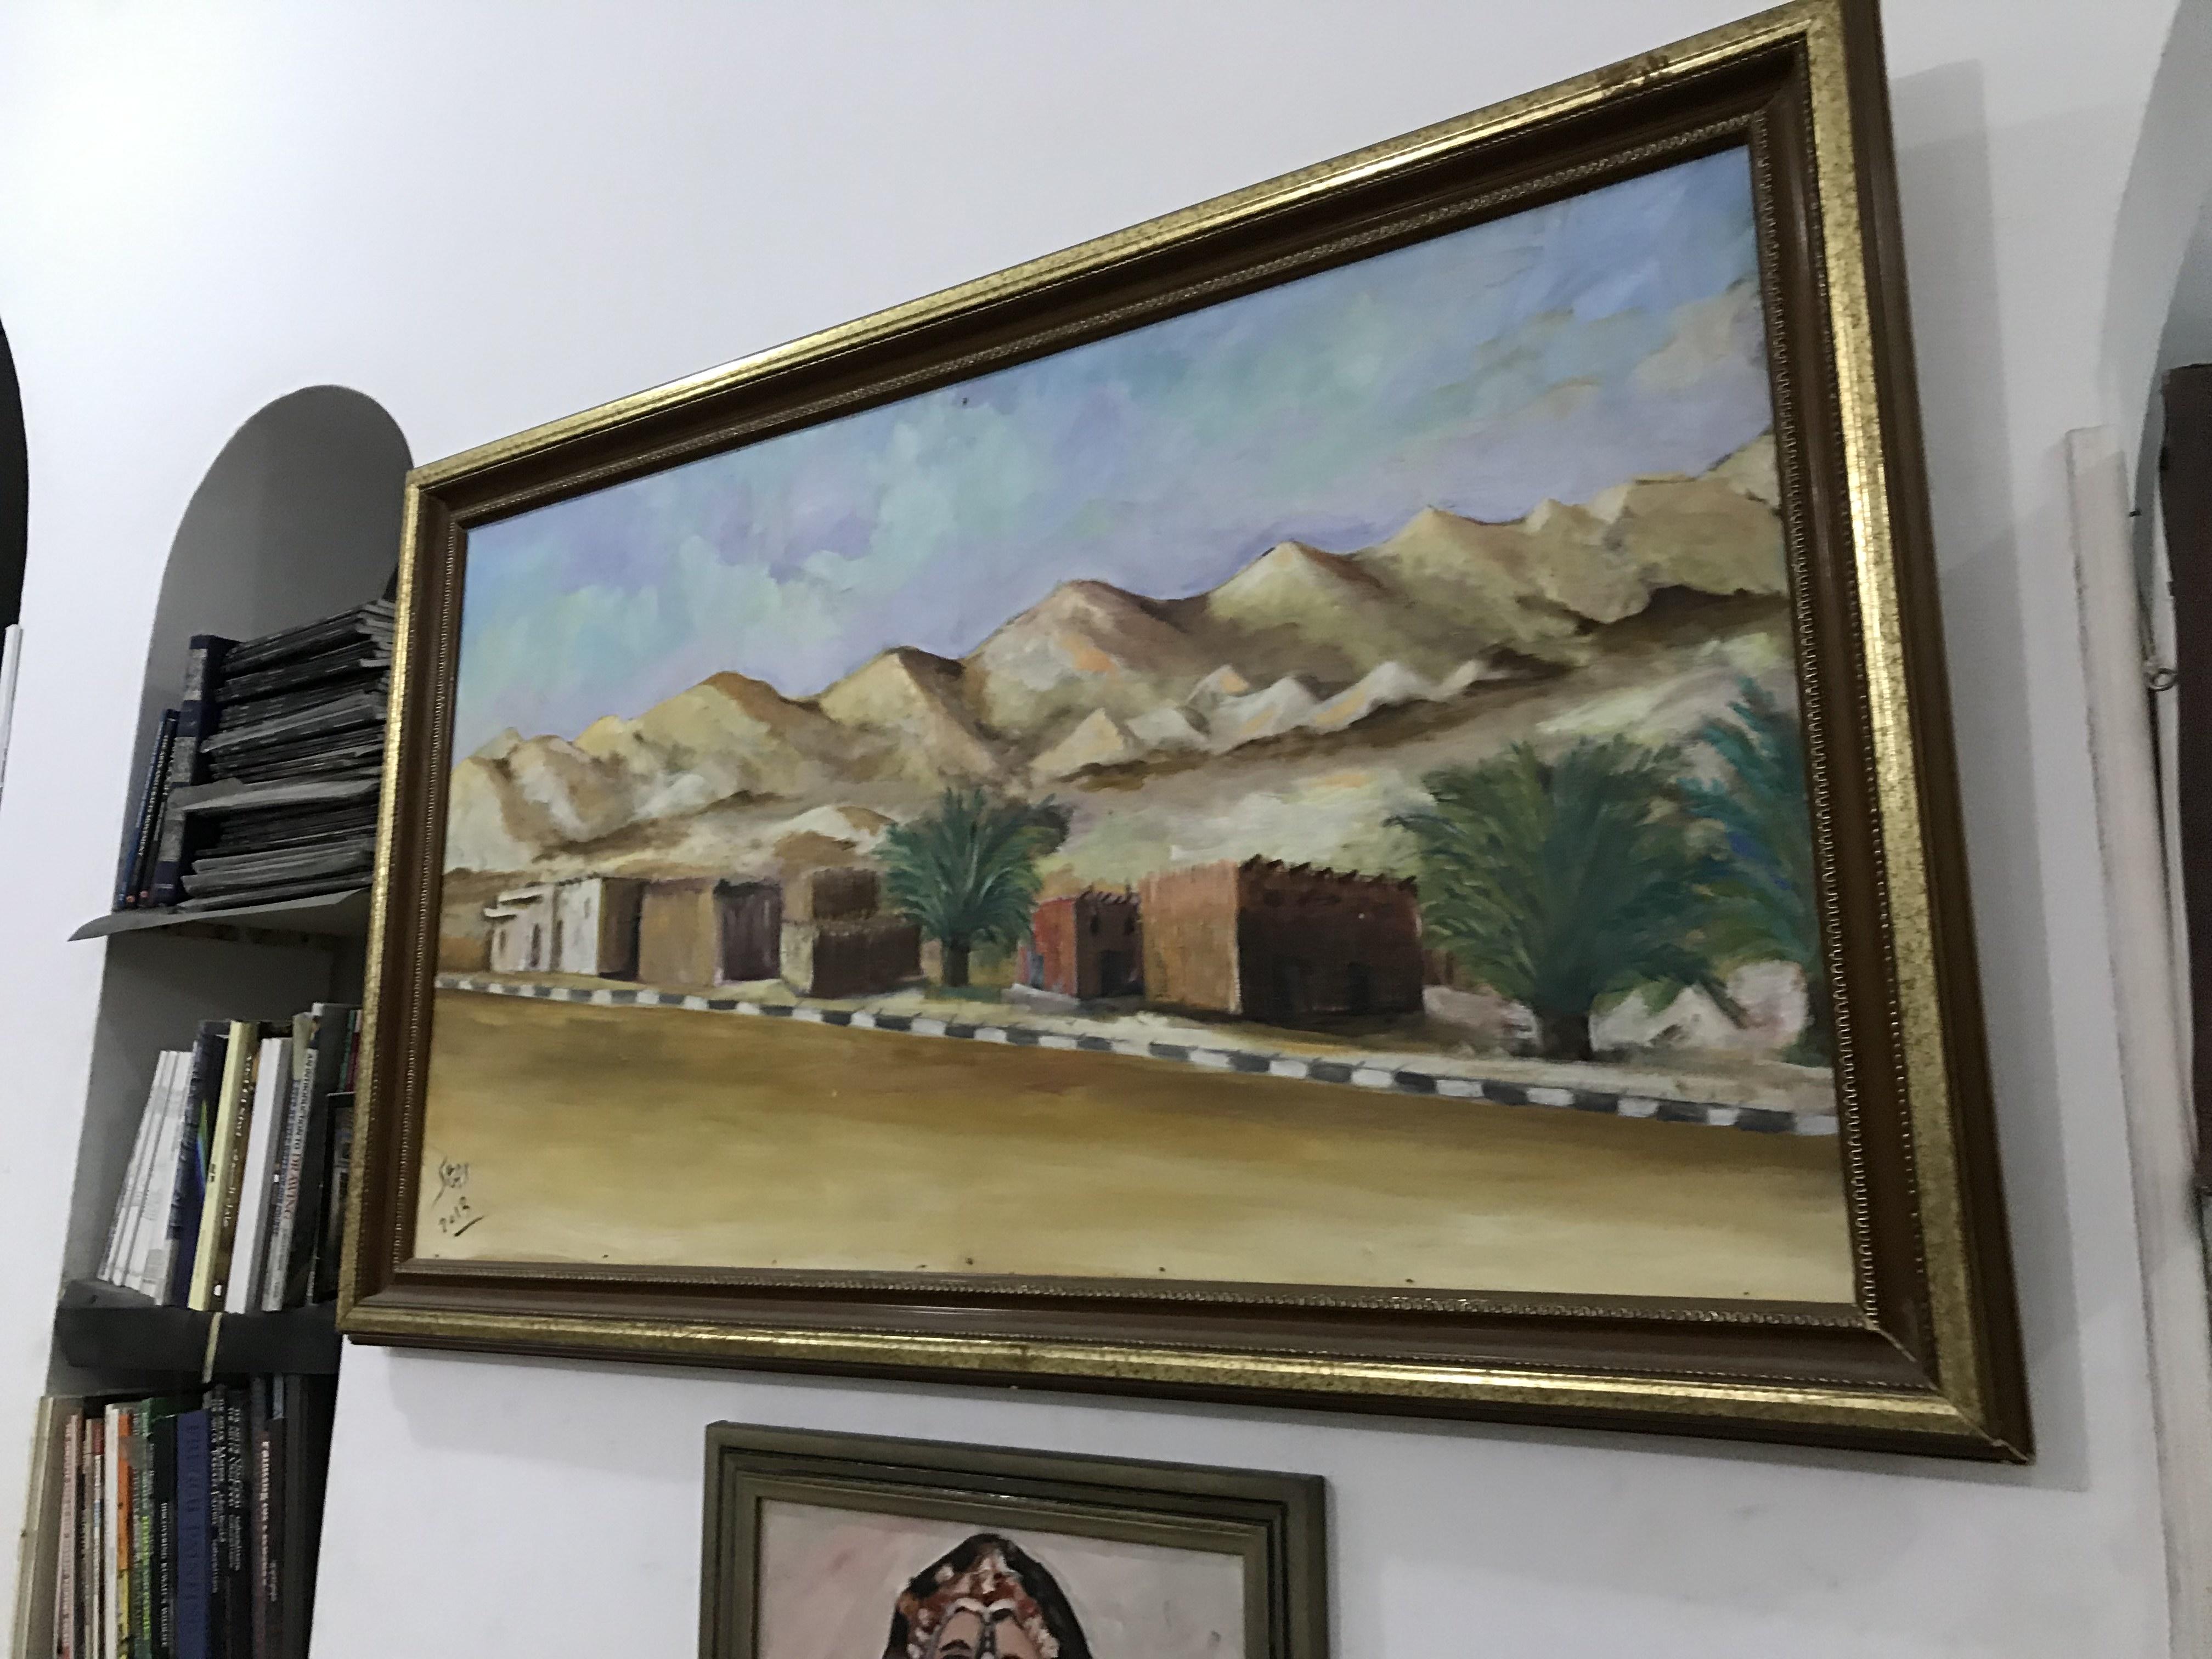 فنان تشكيلى يجسد تاريخ سيناء بالرسوم (2)